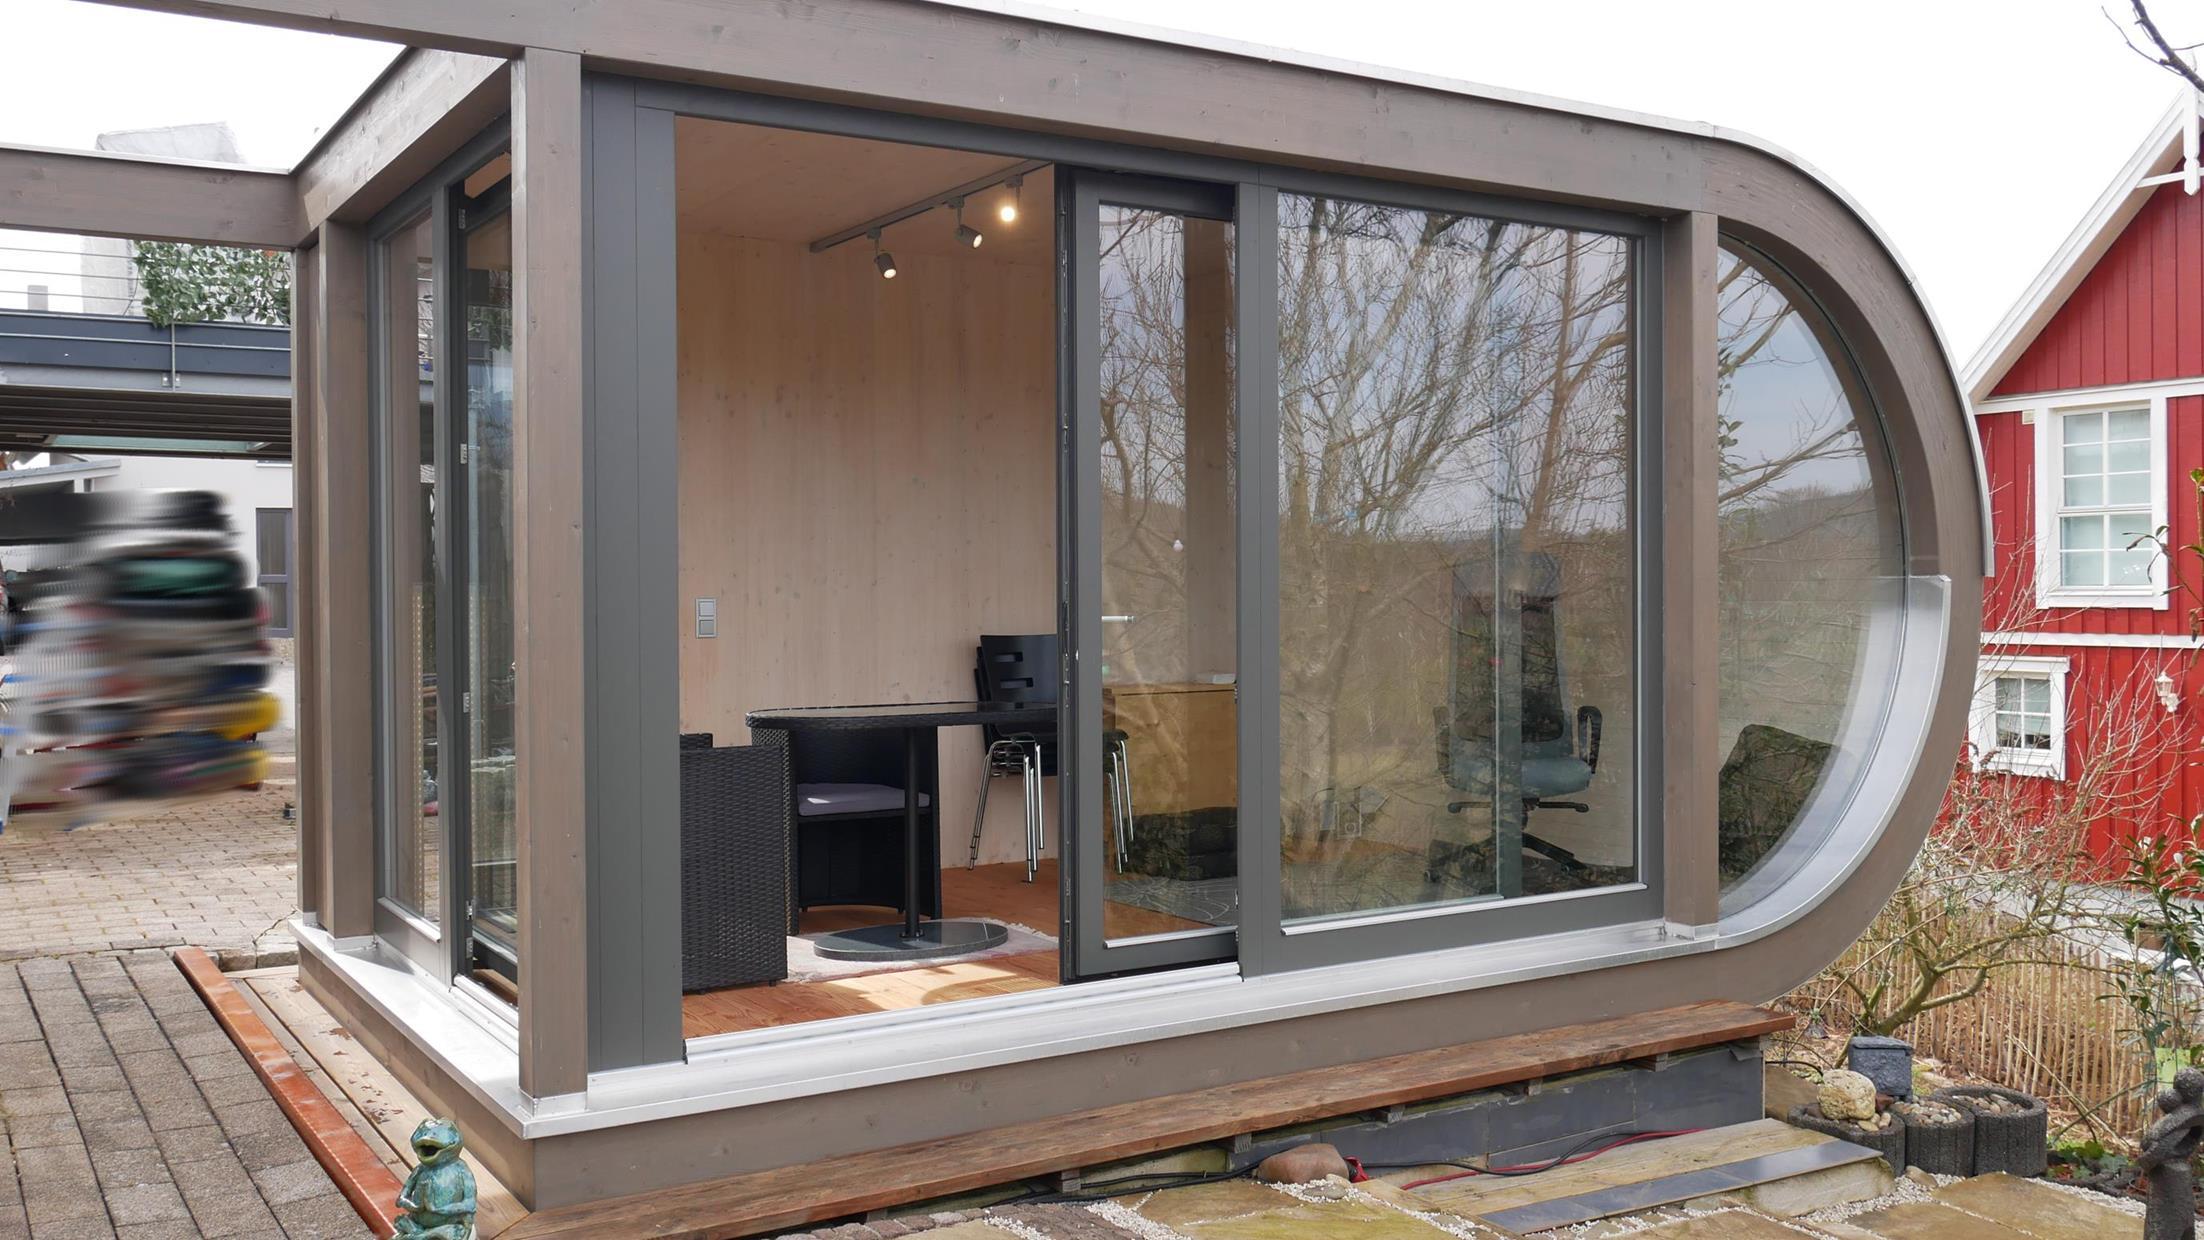 Kleines rundes design gartenhaus in marburg werner ettwein gmbh